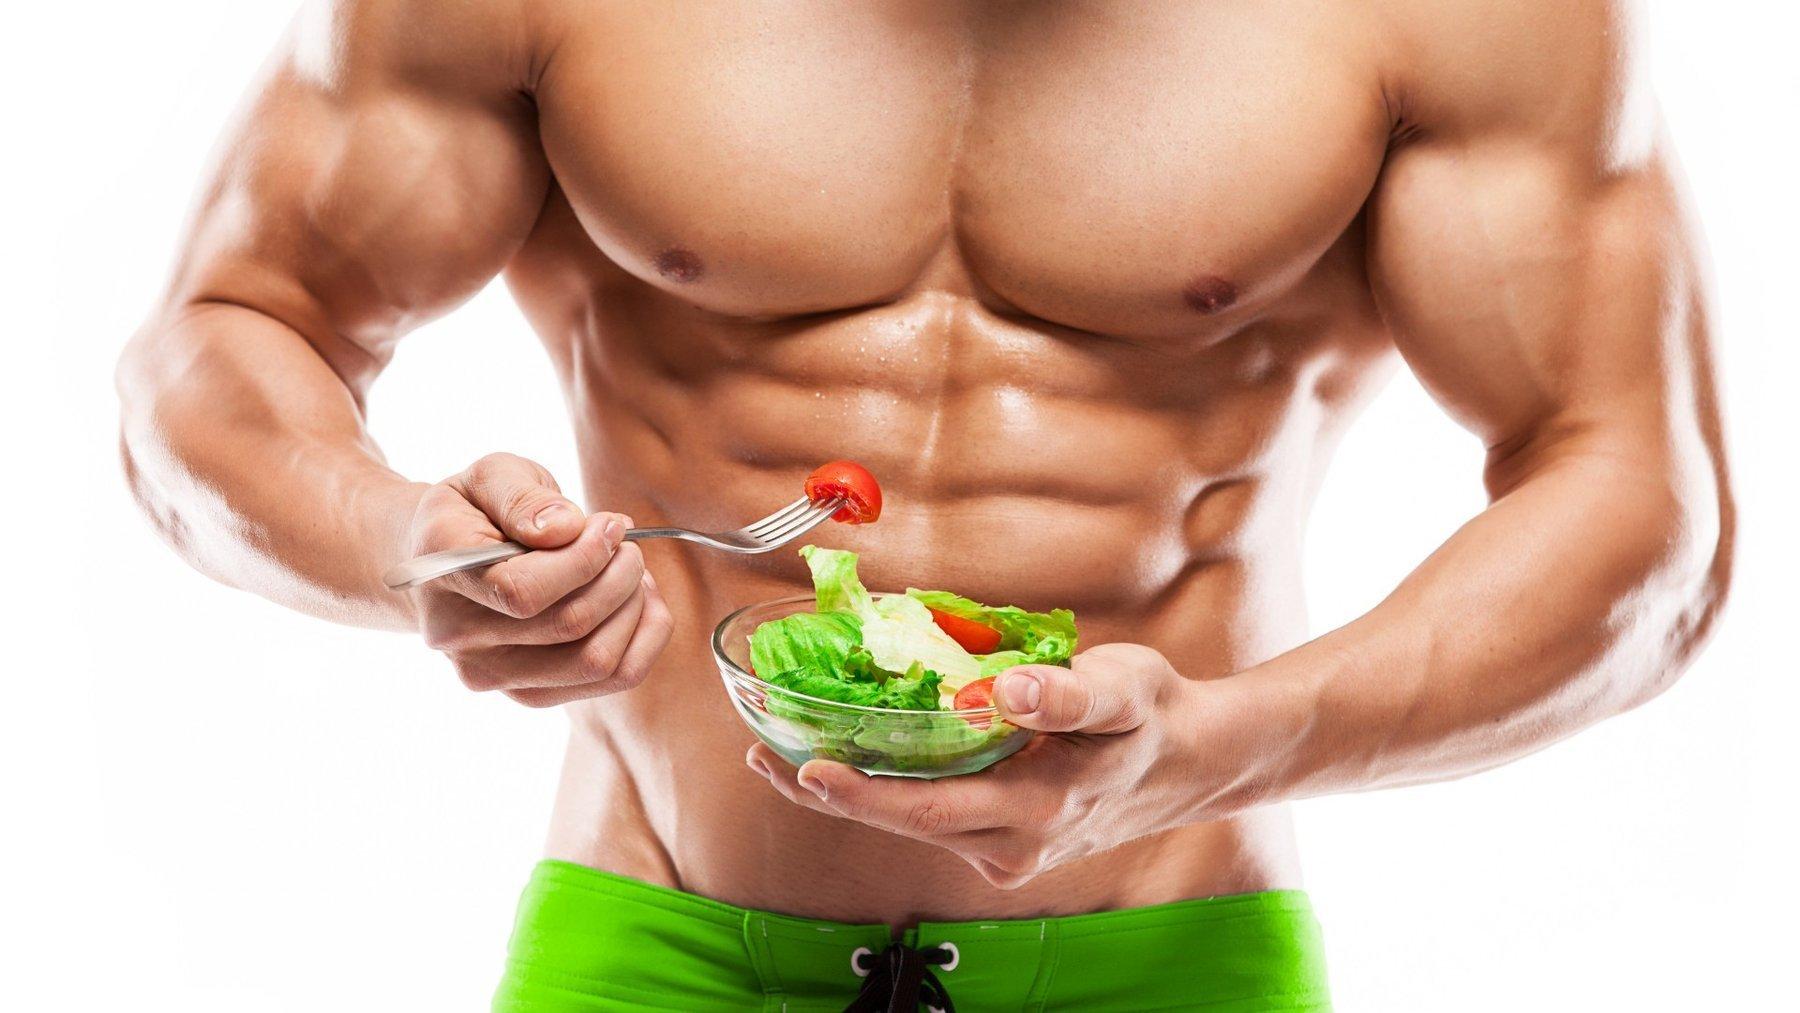 Питание Для Того Чтобы Сжечь Жиры Мужчине. Спортивная диета для сжигания жира для мужчин: варианты, примерное меню на неделю, показания, противопоказания, рекомендации и отзывы